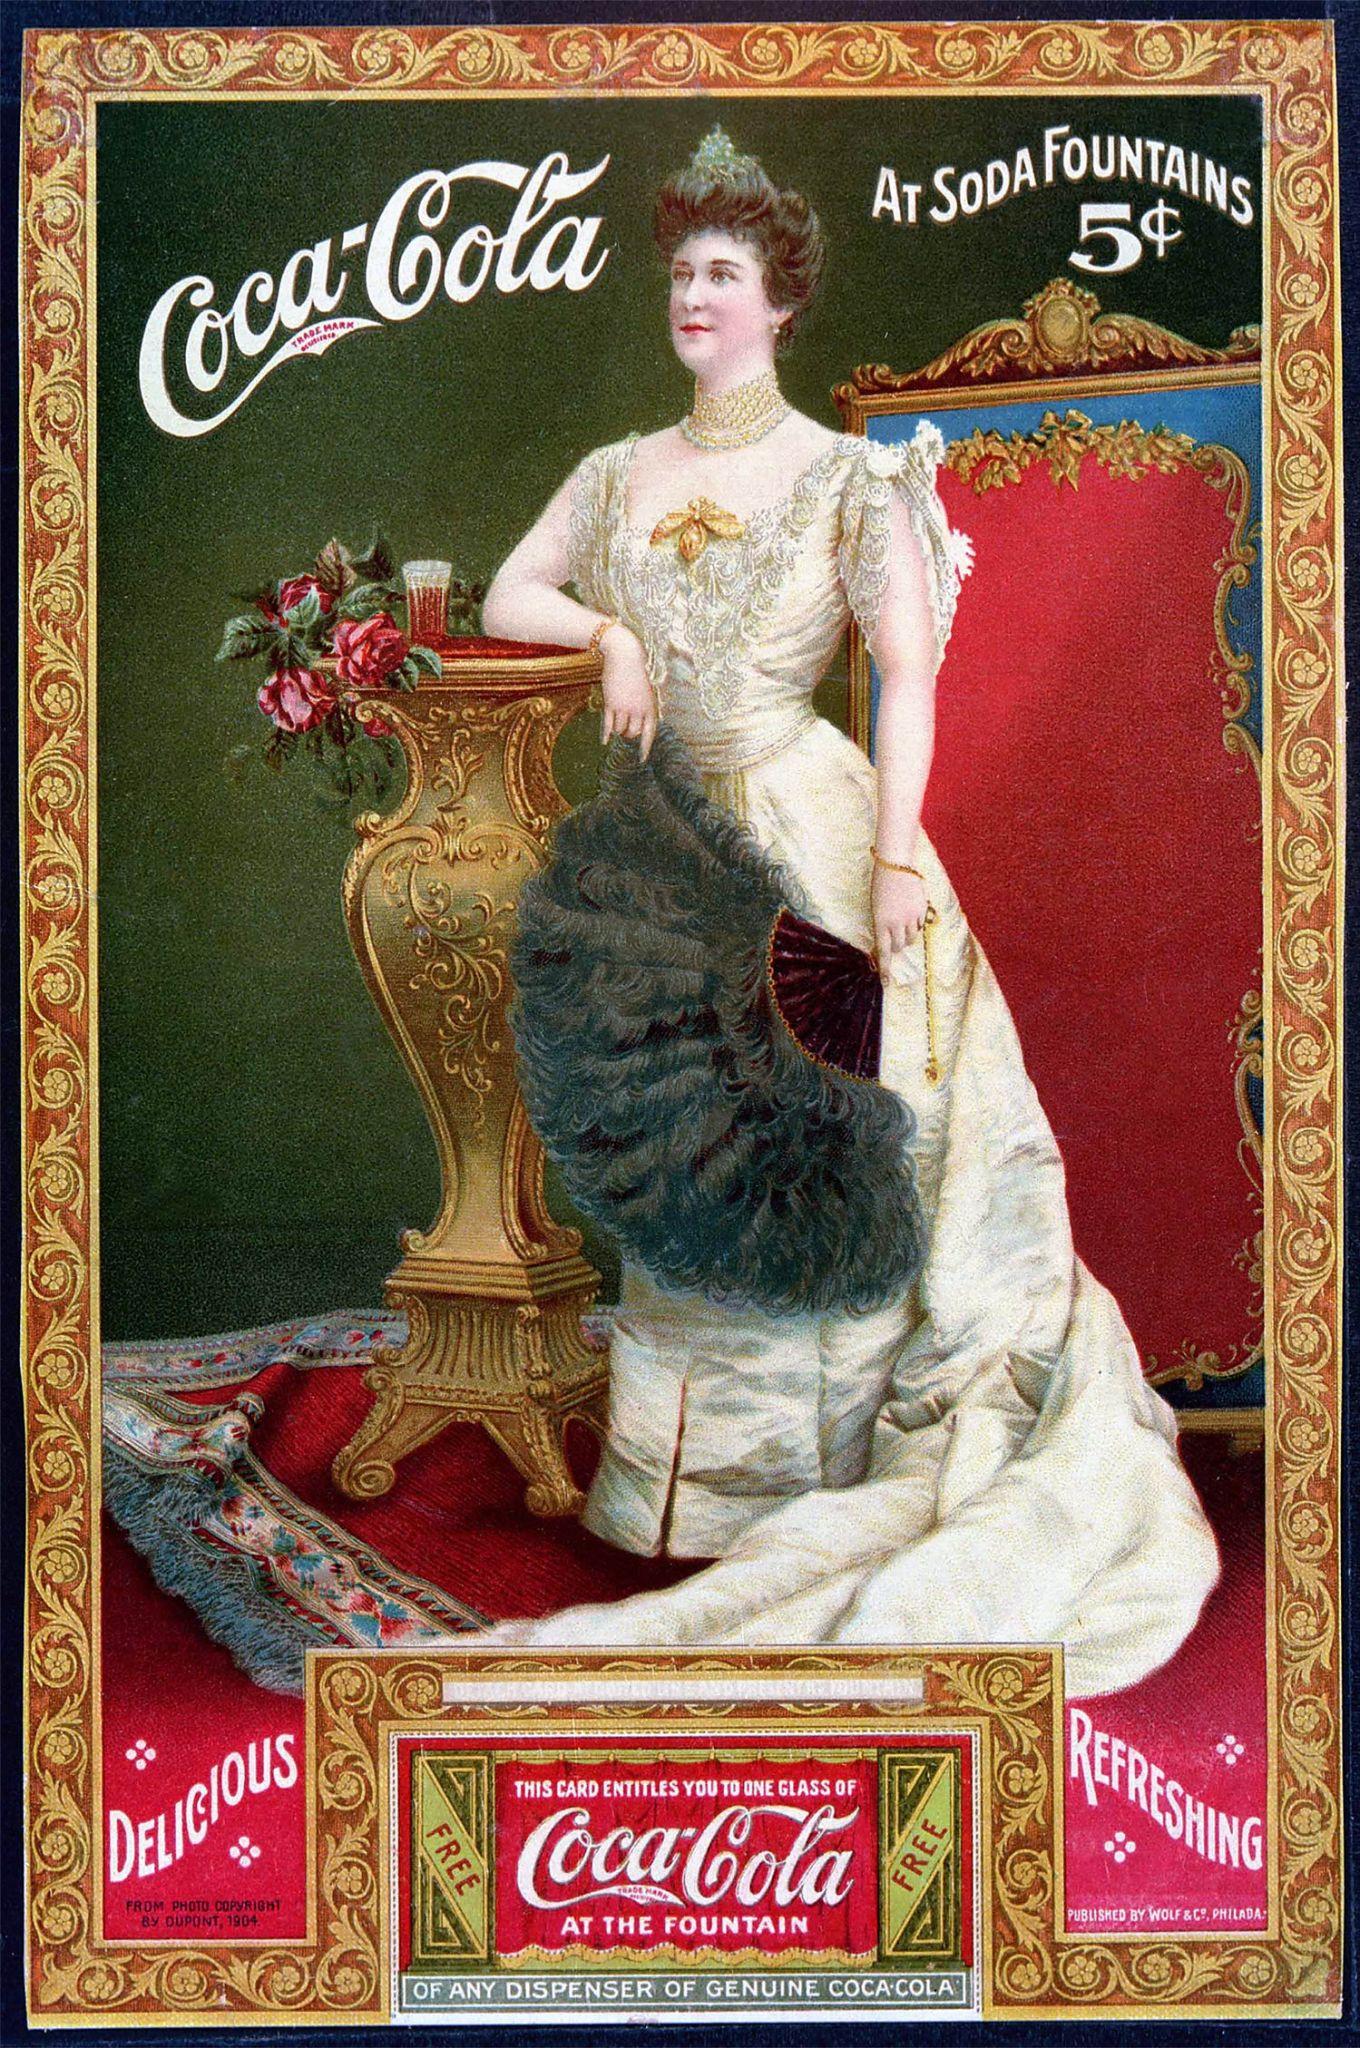 Coca-Cola ad, Lillian Nordica and coupon, 1905